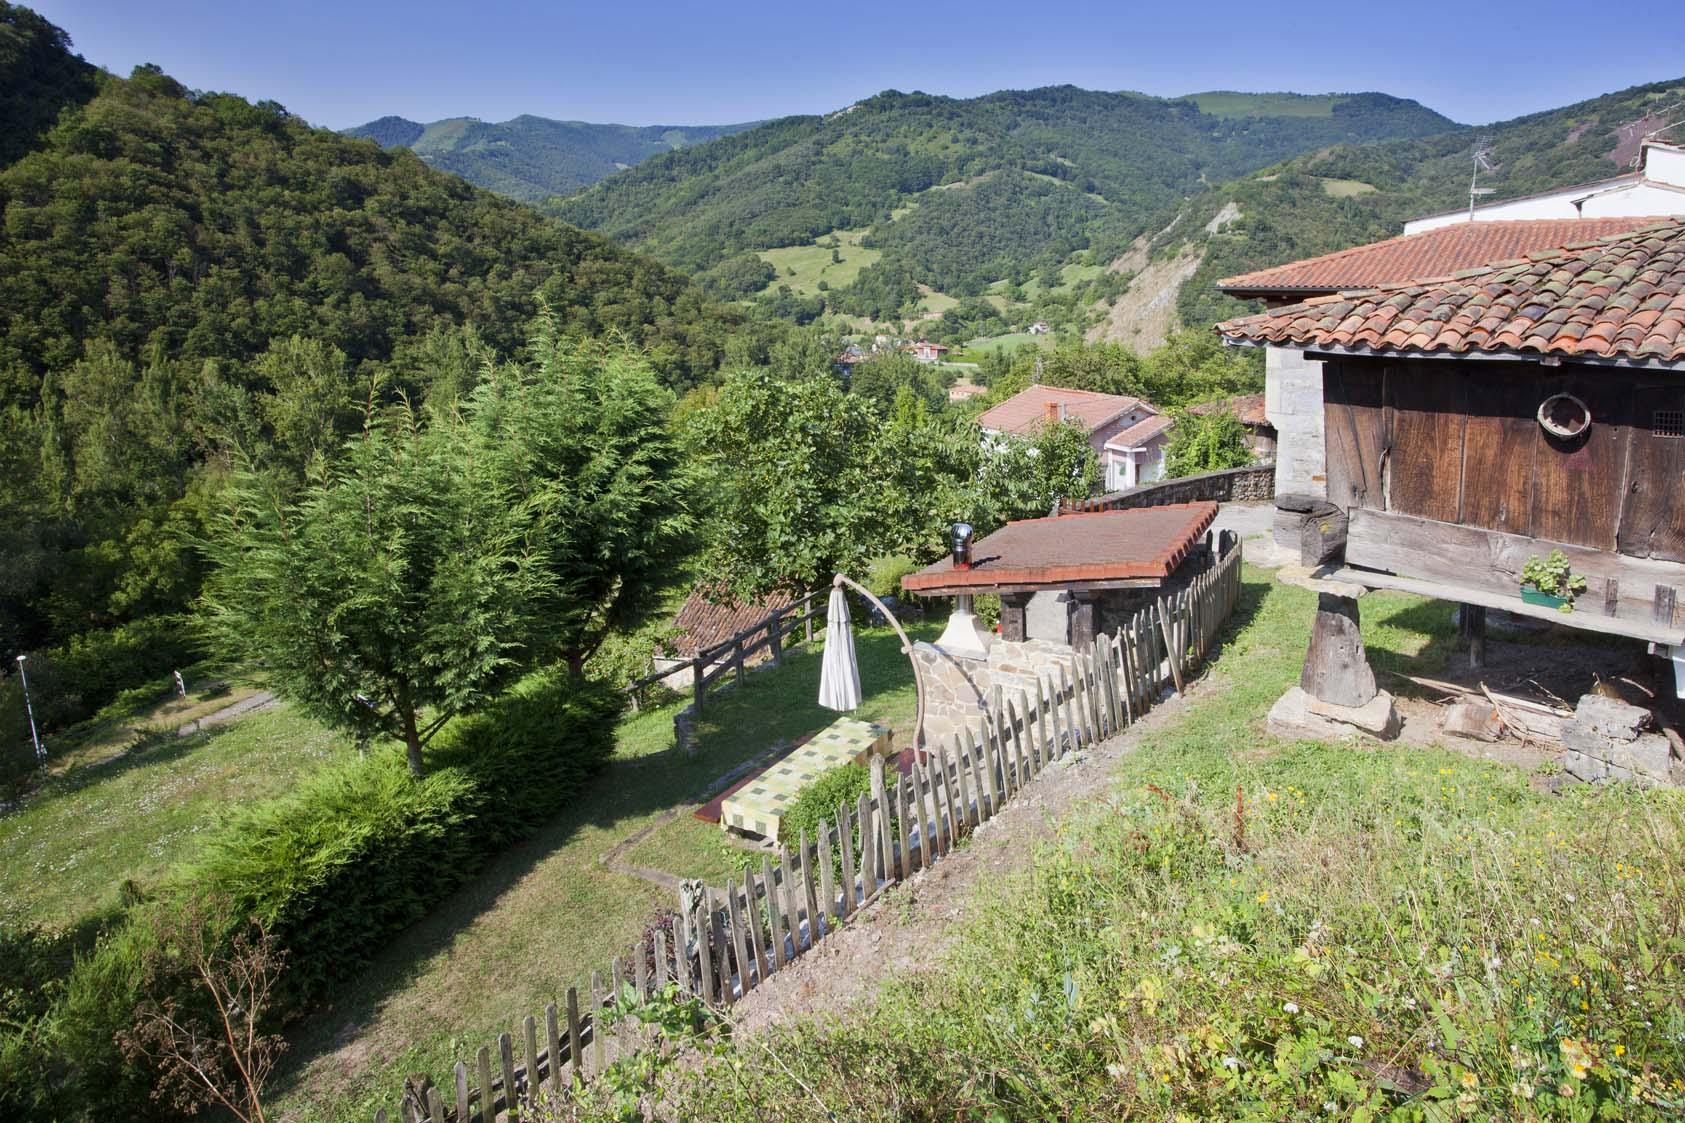 Vistas del jardín y zona de barbacoa La casona de Riomera.